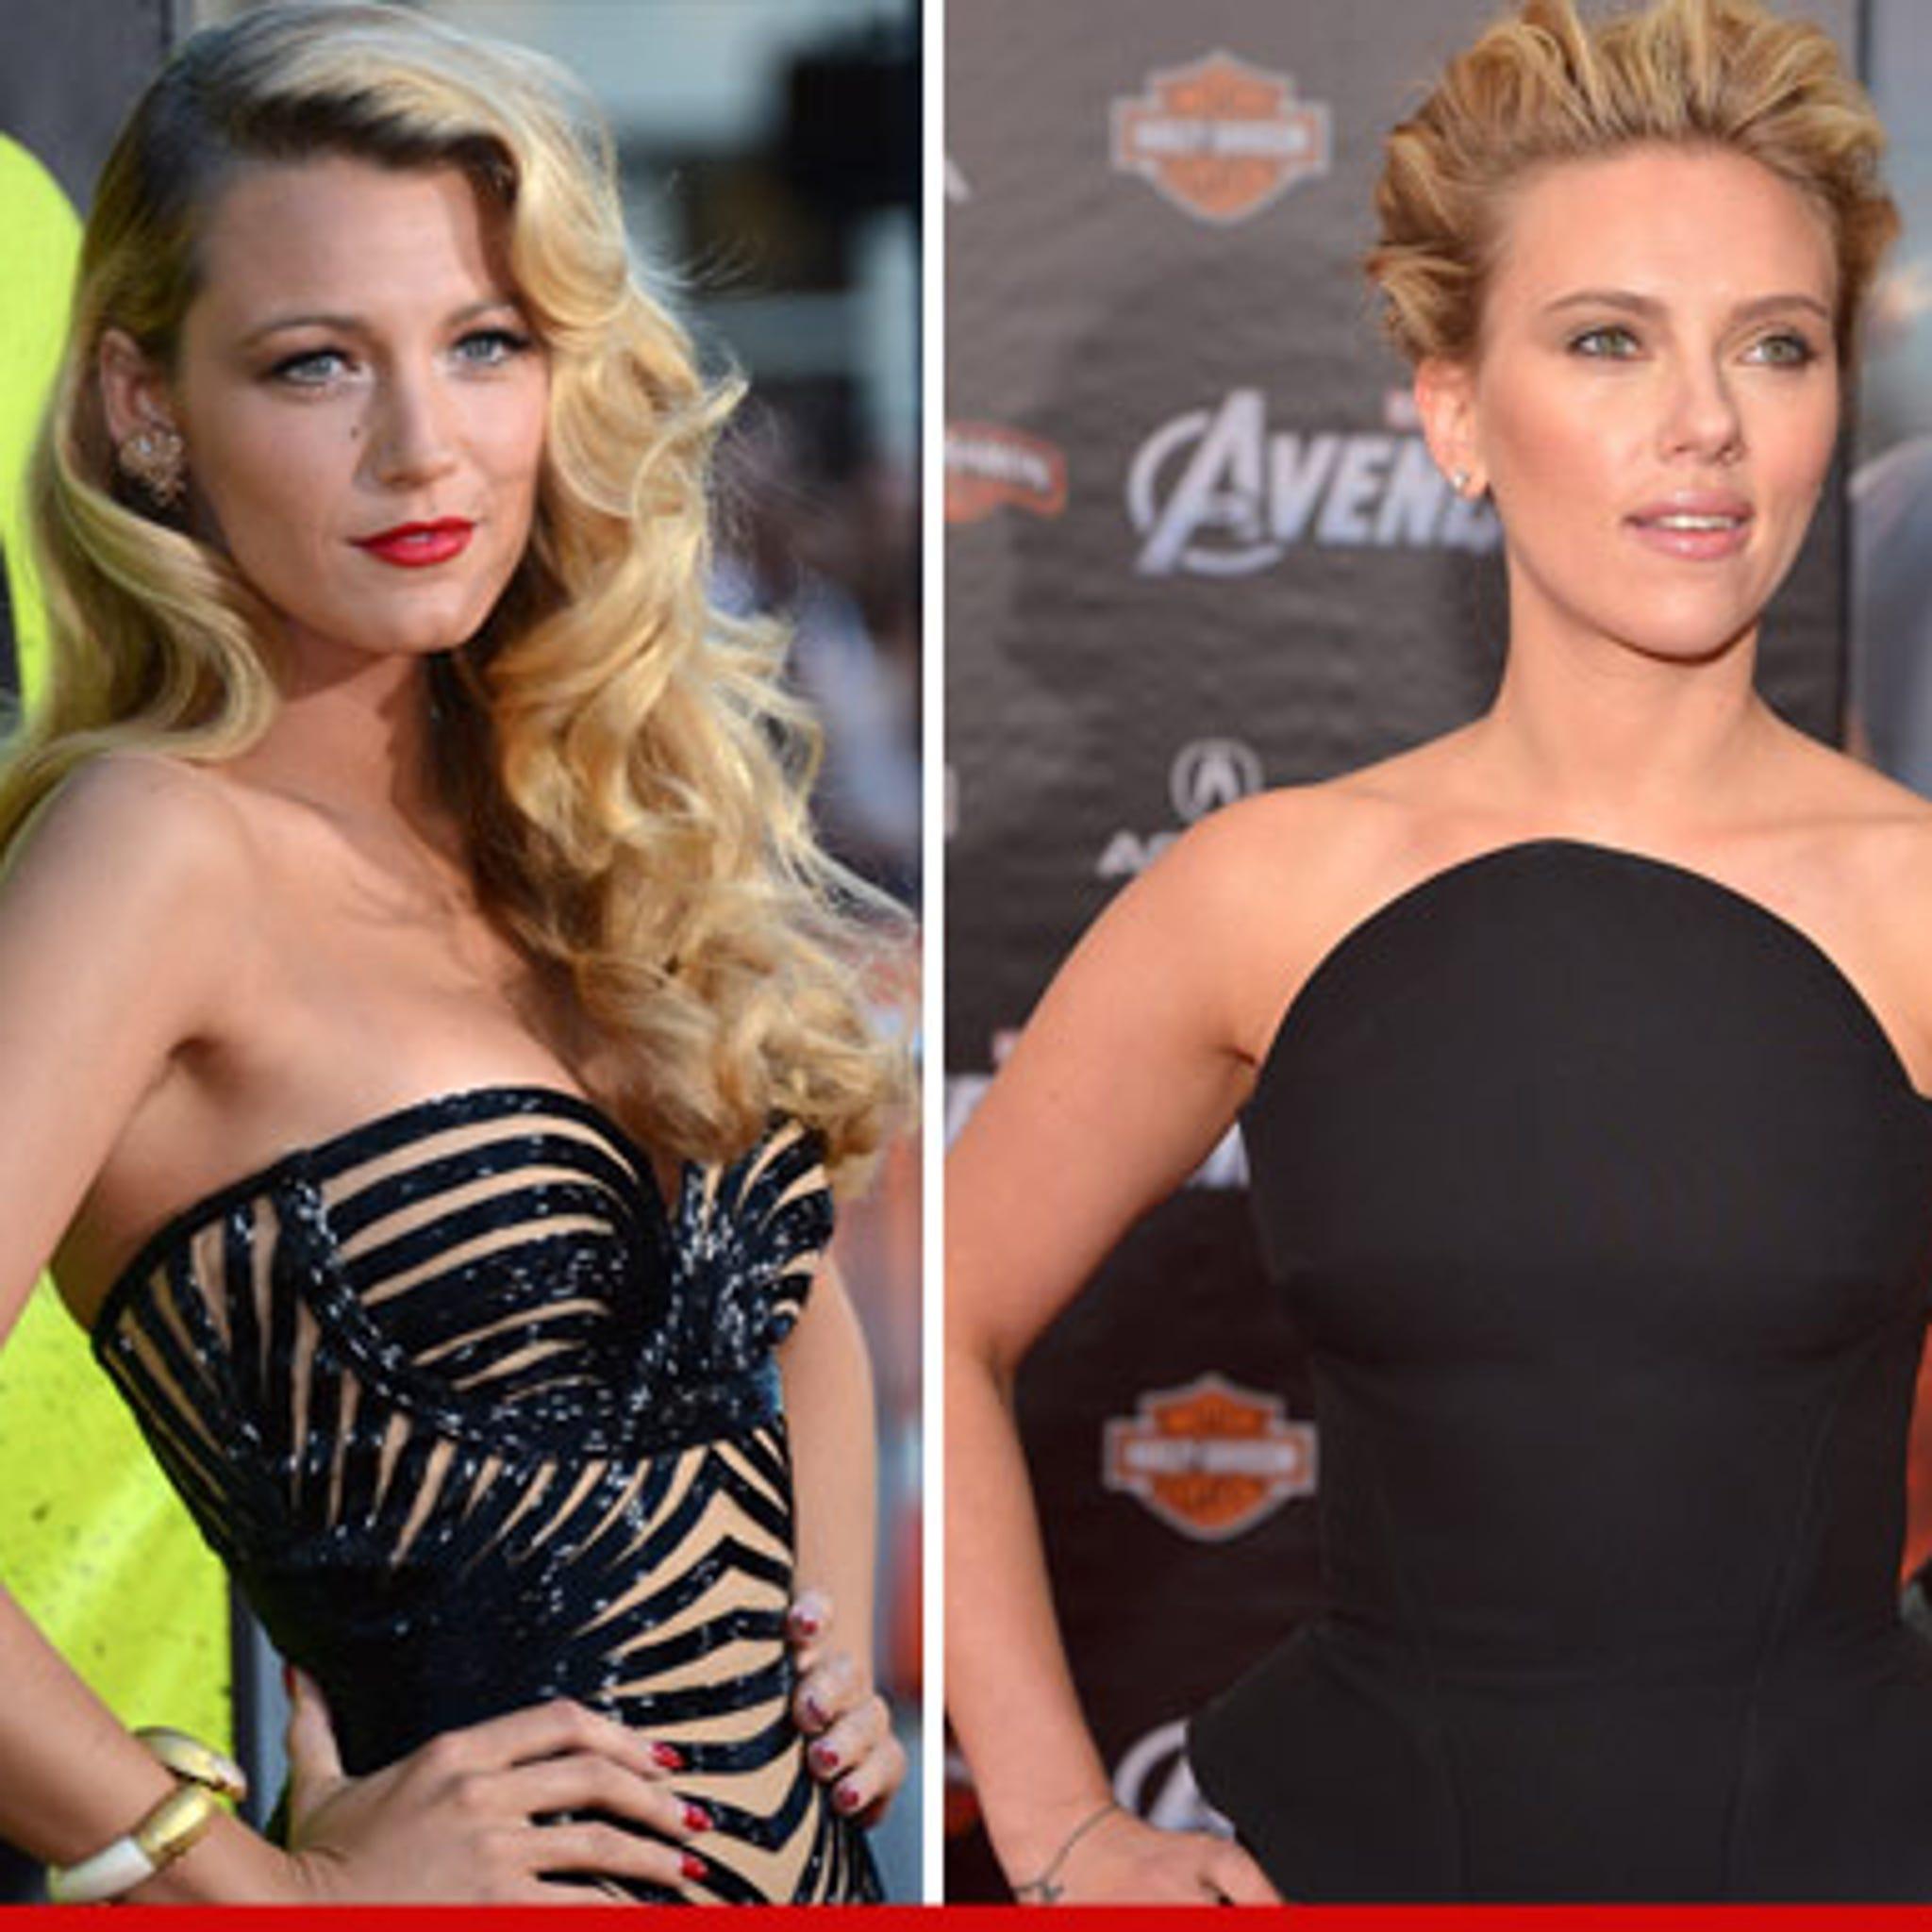 Blake Lively Vs Scarlett Johansson Who D You Rather